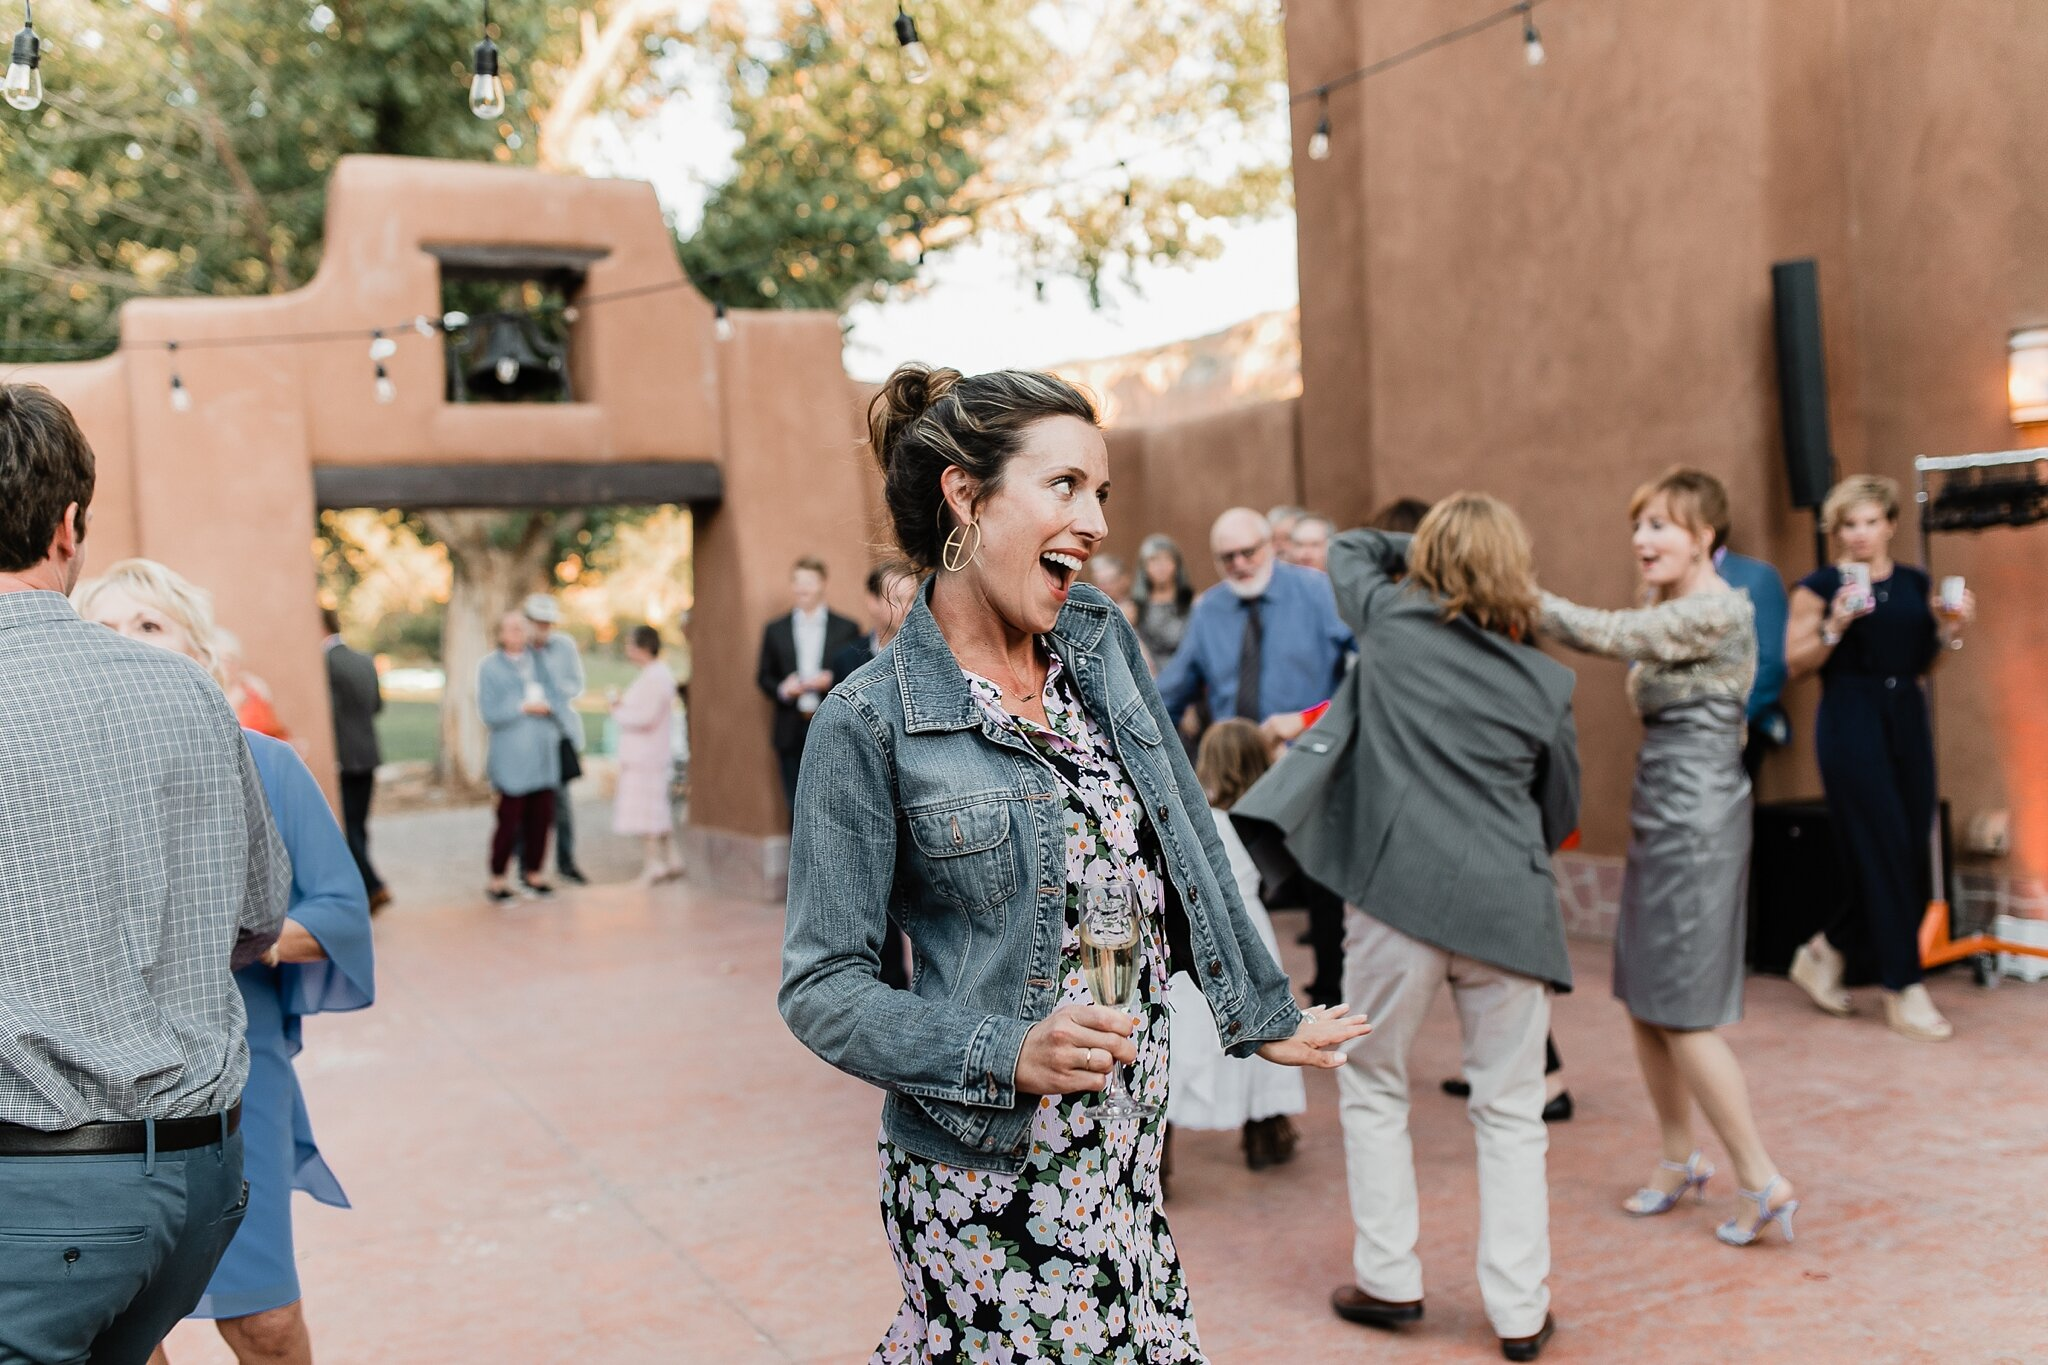 Alicia+lucia+photography+-+albuquerque+wedding+photographer+-+santa+fe+wedding+photography+-+new+mexico+wedding+photographer+-+new+mexico+wedding+-+wedding+-+santa+fe+wedding+-+ghost+ranch+-+ghost+ranch+wedding+-+fall+wedding_0089.jpg